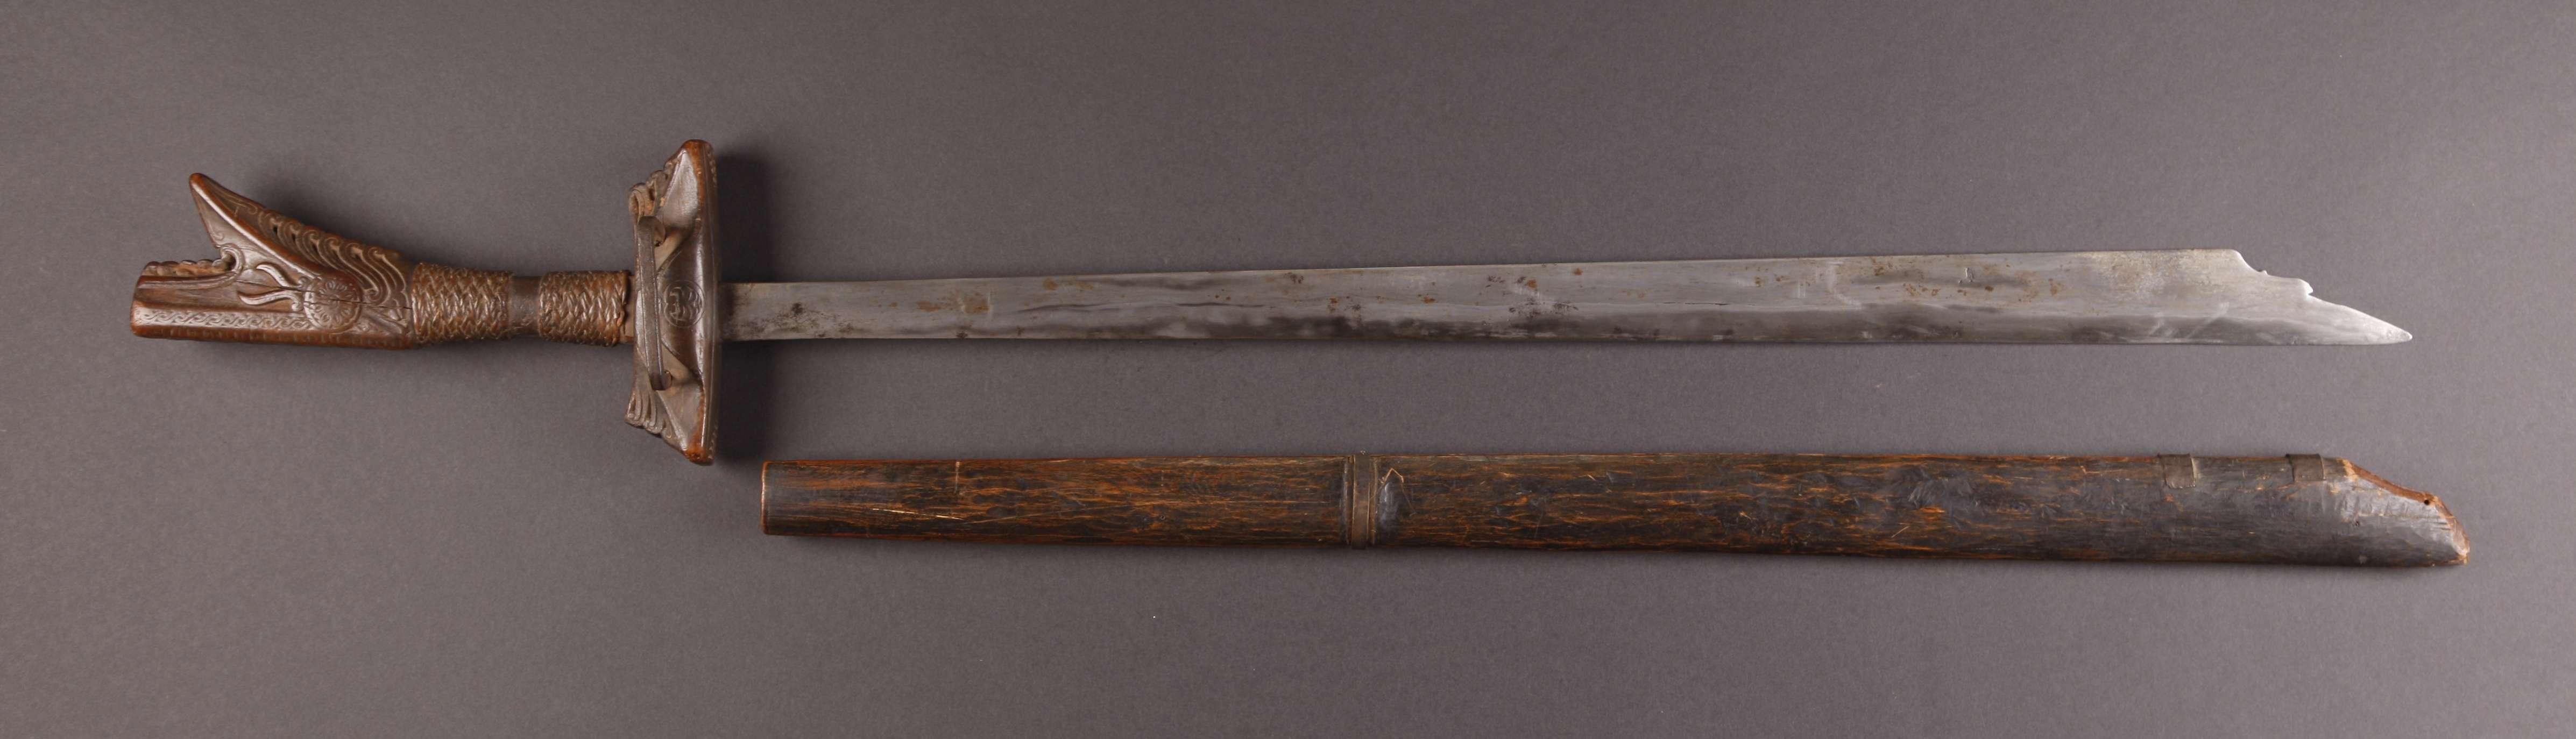 PH669 : Moro Kampilan Sword